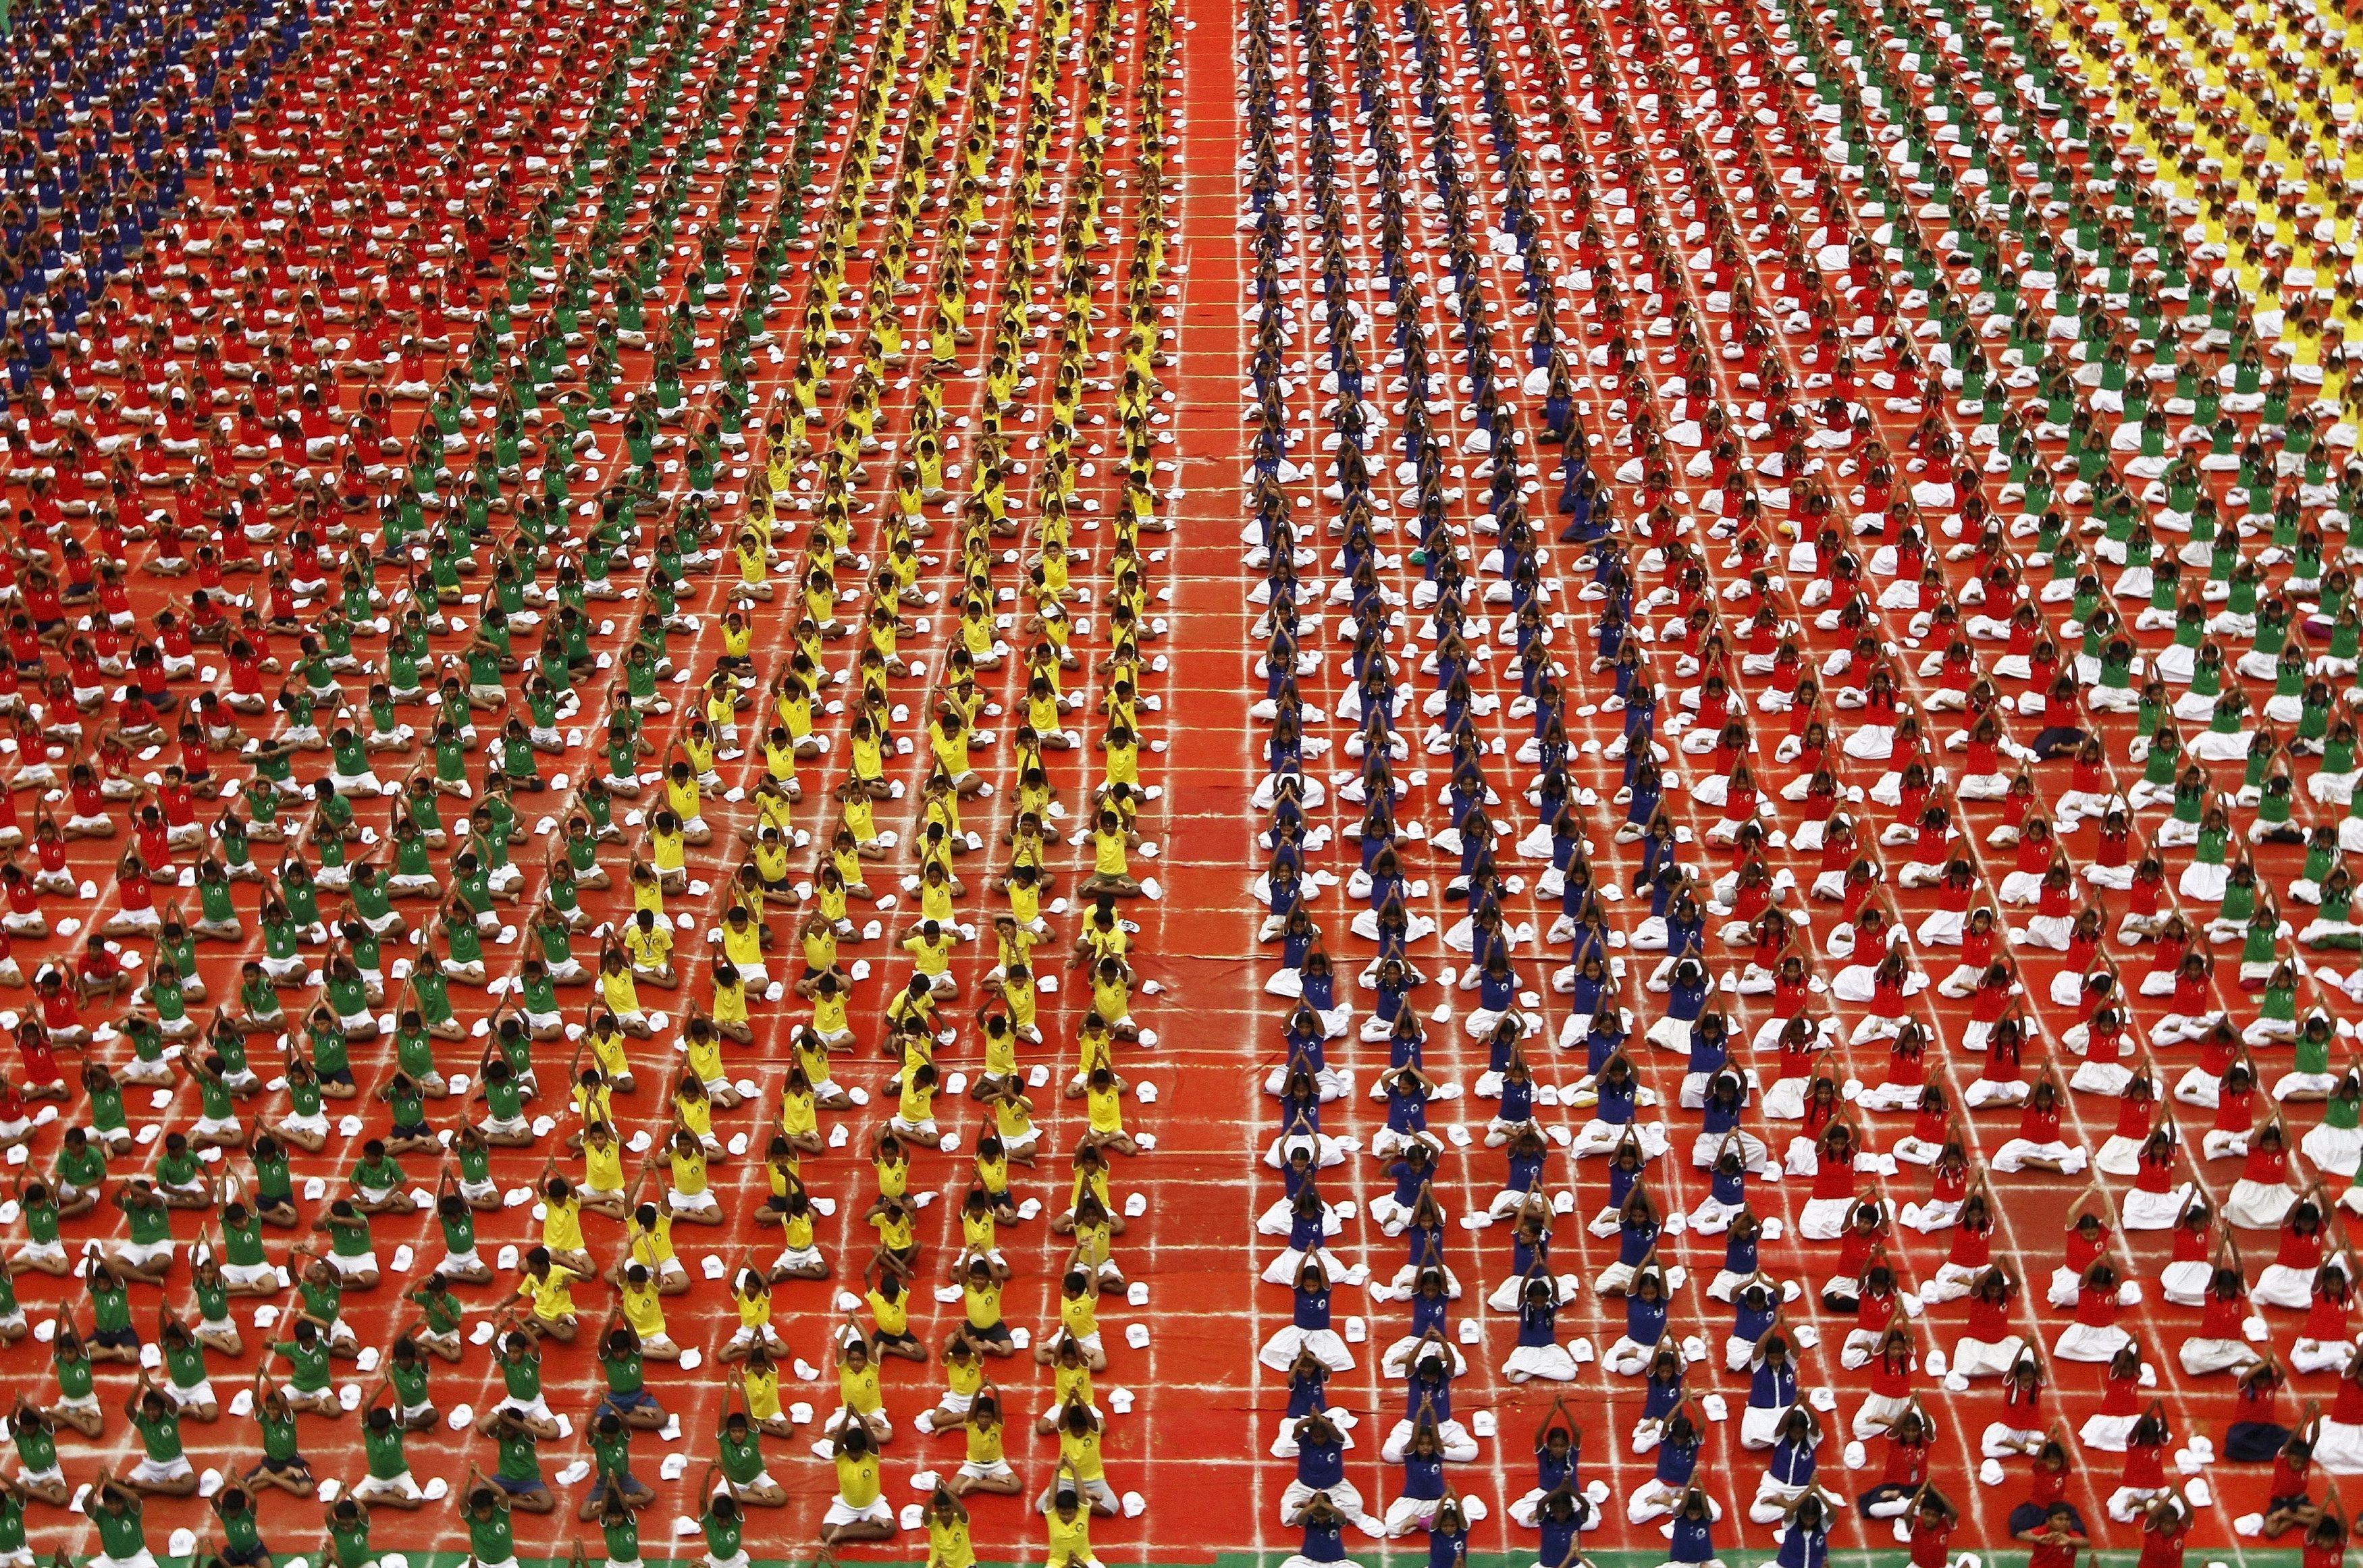 طلاب من الهند يشاركون فى اليوم العالمي لليوجا فى مدينة تشيناى